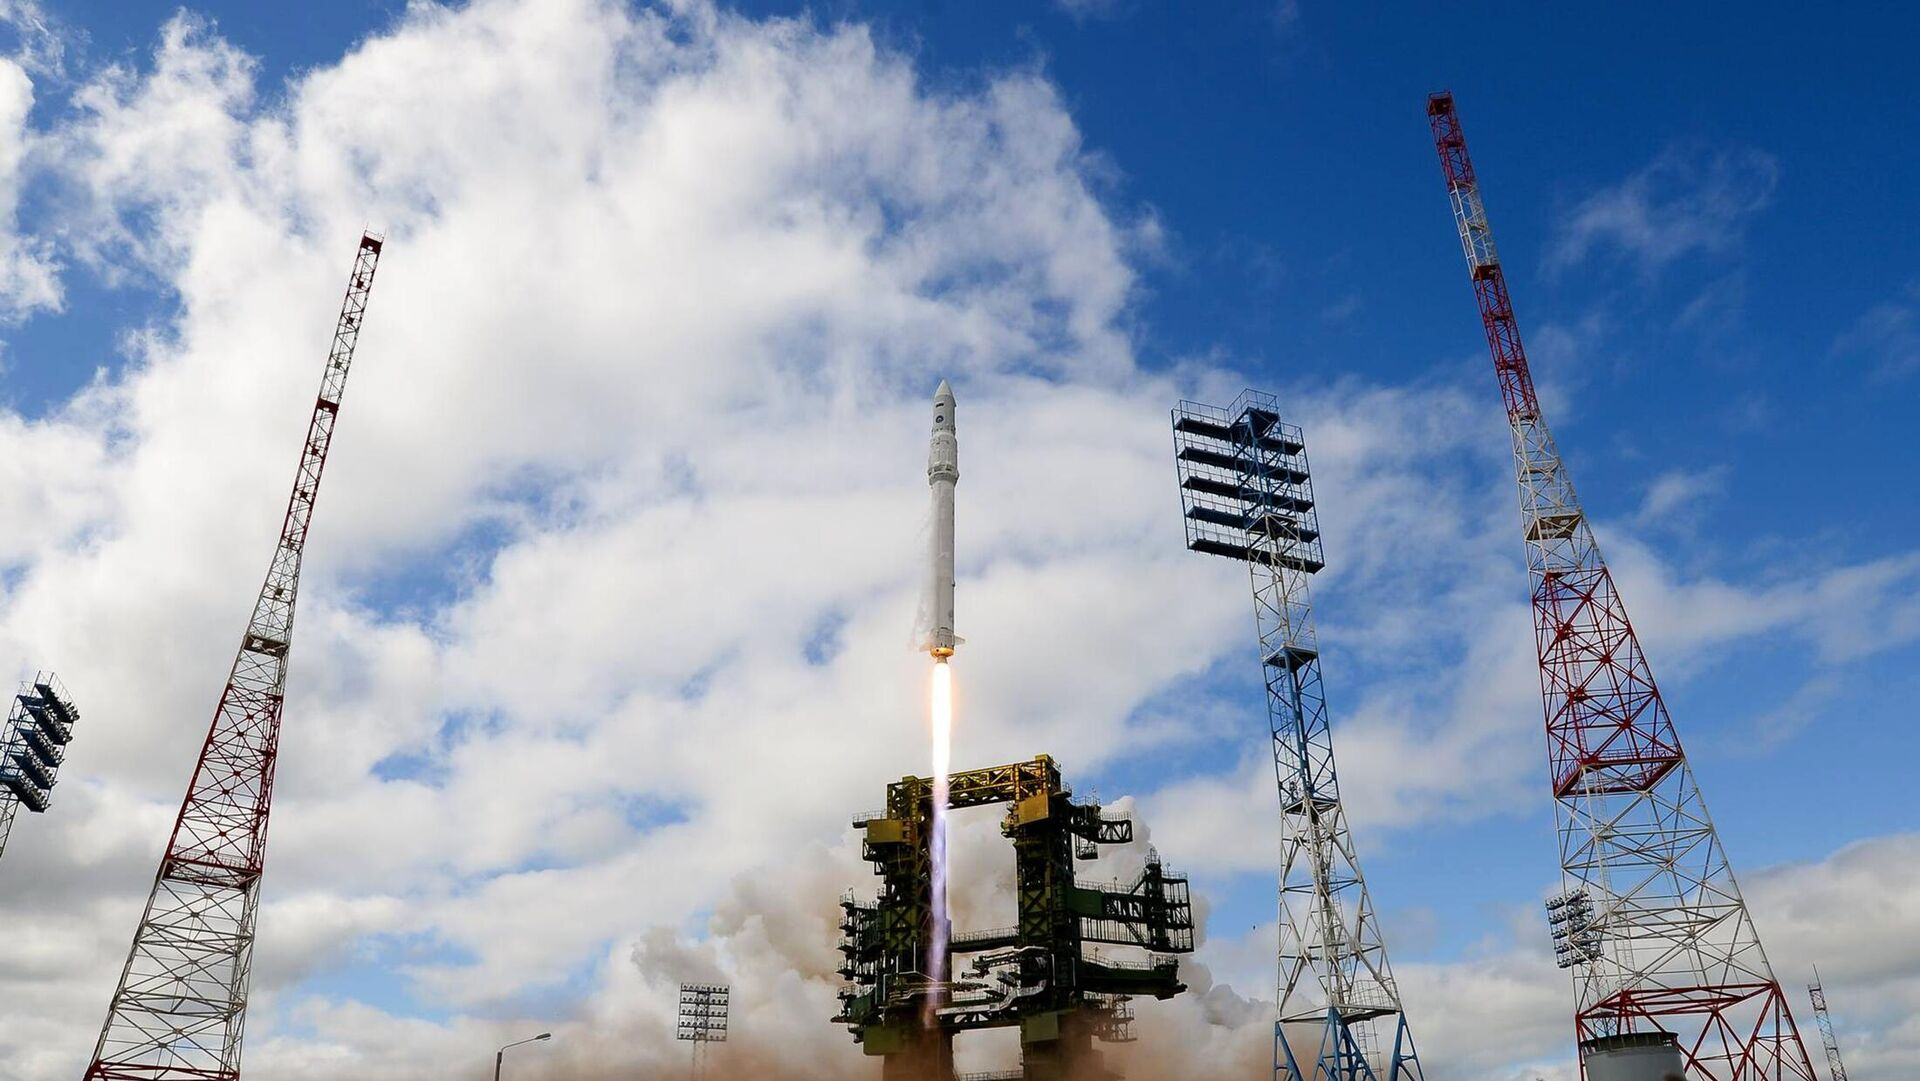 Lansiranje rakete Angara sa kosmodroma Pleseck - Sputnik Srbija, 1920, 09.10.2021